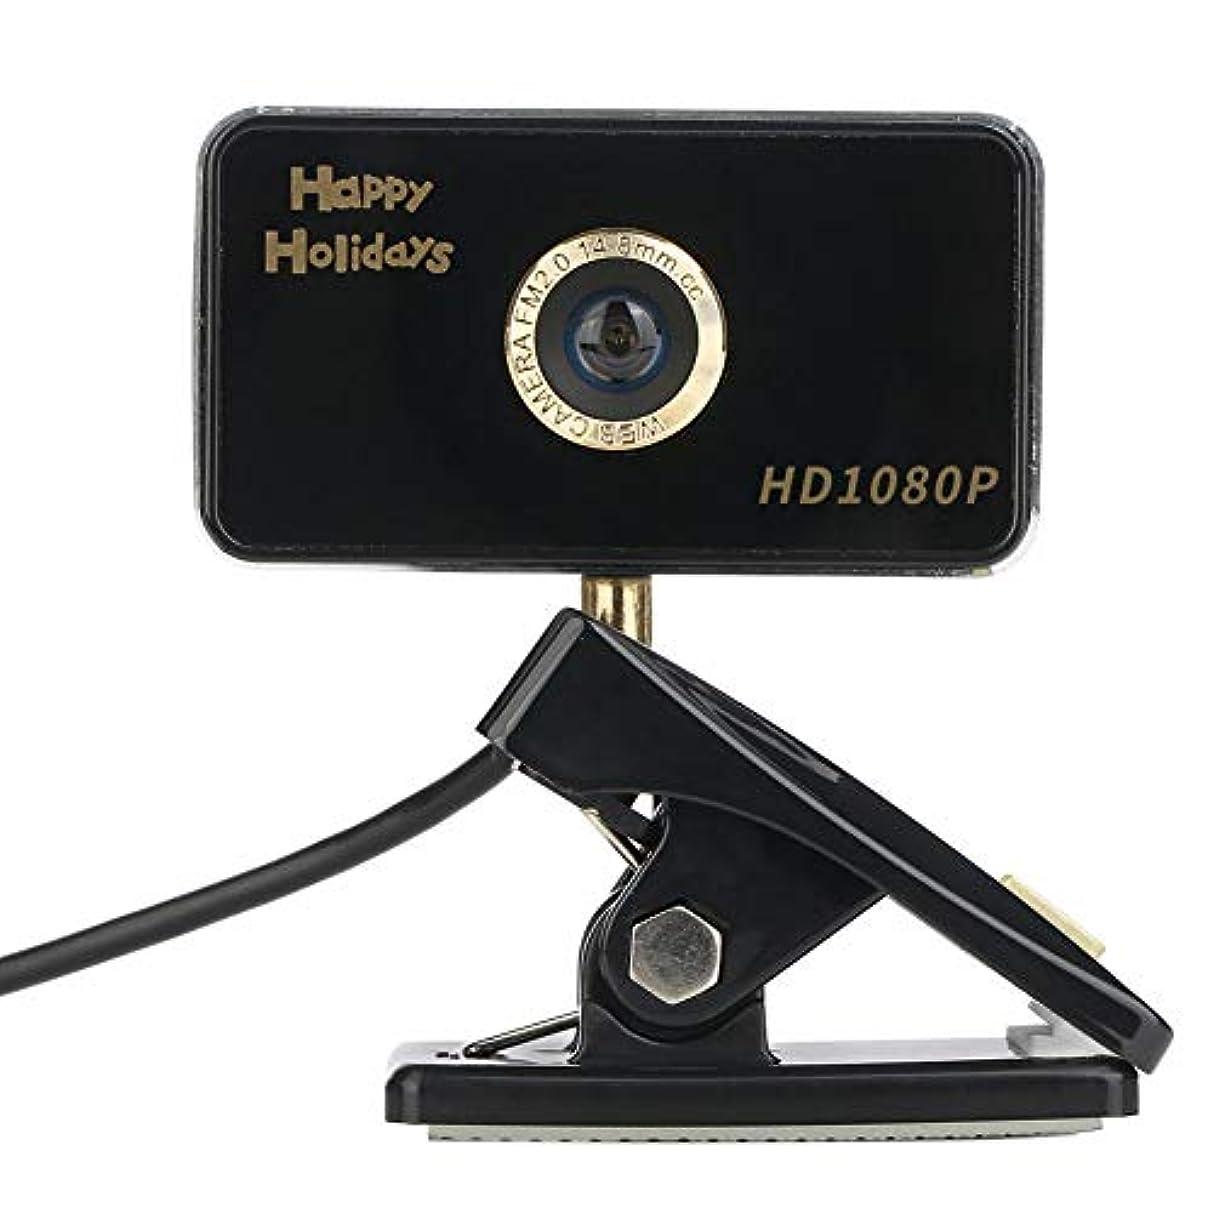 キルス哲学的ポンドデスクトップ/ラップトップWebカメラ720 P / 1080 Pドライバー無料の産業用カメラ、ワイドスクリーンビデオ通話および録音